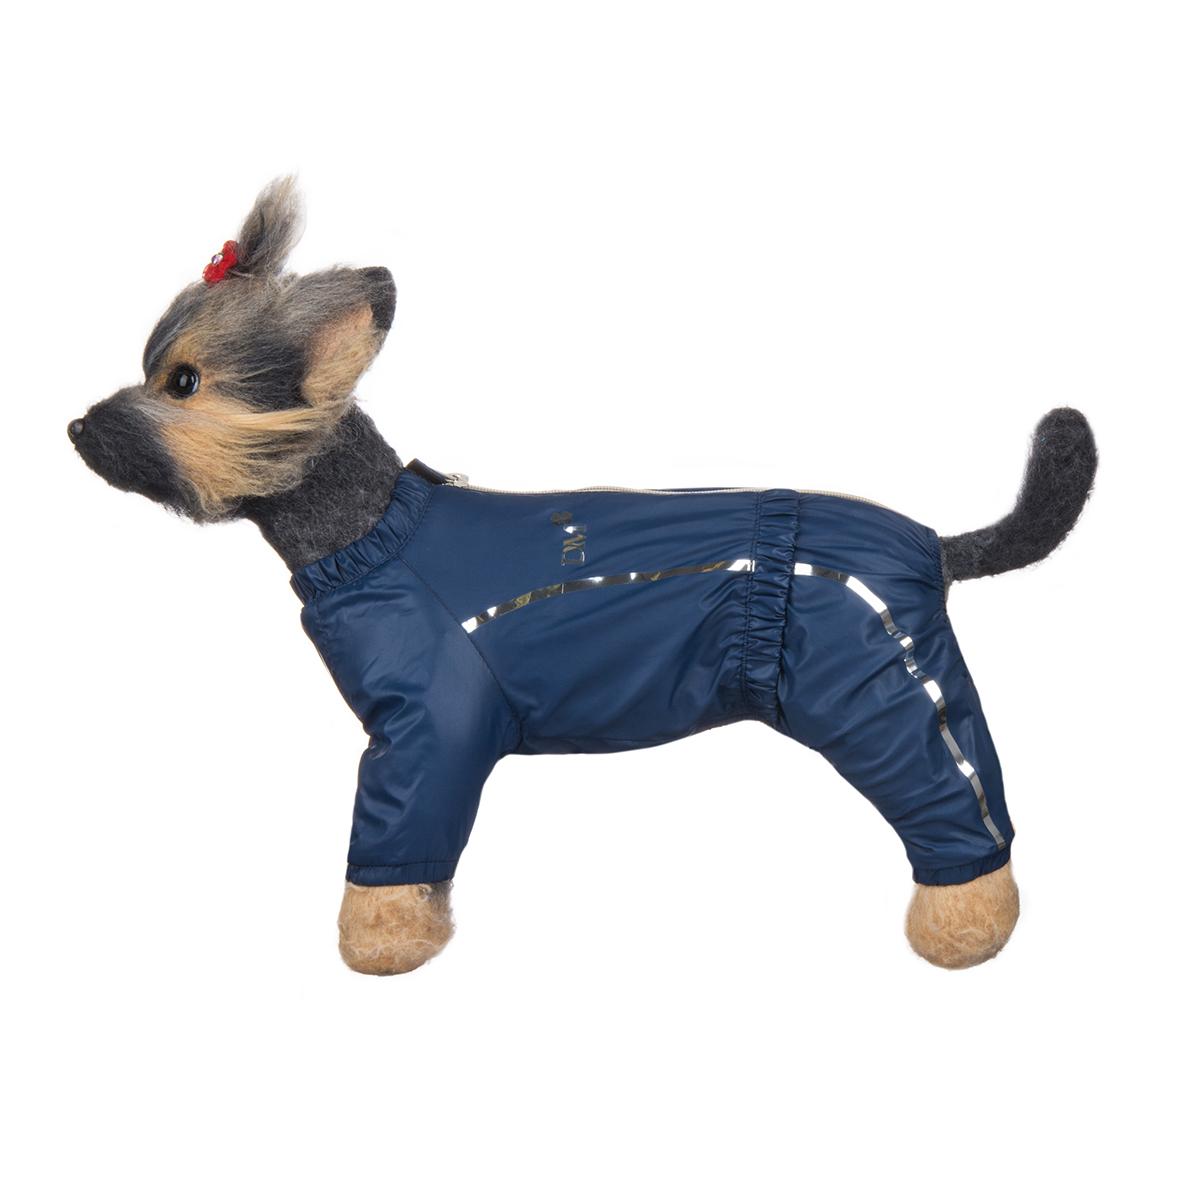 Комбинезон для собак Dogmoda Альпы, для мальчика, цвет: темно-синий. Размер 2 (M)DM-150328-2Комбинезон для собак Dogmoda Альпы отлично подойдет для прогулок поздней осенью или ранней весной. Комбинезон изготовлен из полиэстера, защищающего от ветра и осадков, с подкладкой из флиса, которая сохранит тепло и обеспечит отличный воздухообмен. Комбинезон застегивается на молнию и липучку, благодаря чему его легко надевать и снимать. Ворот, низ рукавов и брючин оснащены внутренними резинками, которые мягко обхватывают шею и лапки, не позволяя просачиваться холодному воздуху. На пояснице имеется внутренняя резинка. Изделие декорировано серебристыми полосками и надписью DM. Благодаря такому комбинезону простуда не грозит вашему питомцу и он не даст любимцу продрогнуть на прогулке.